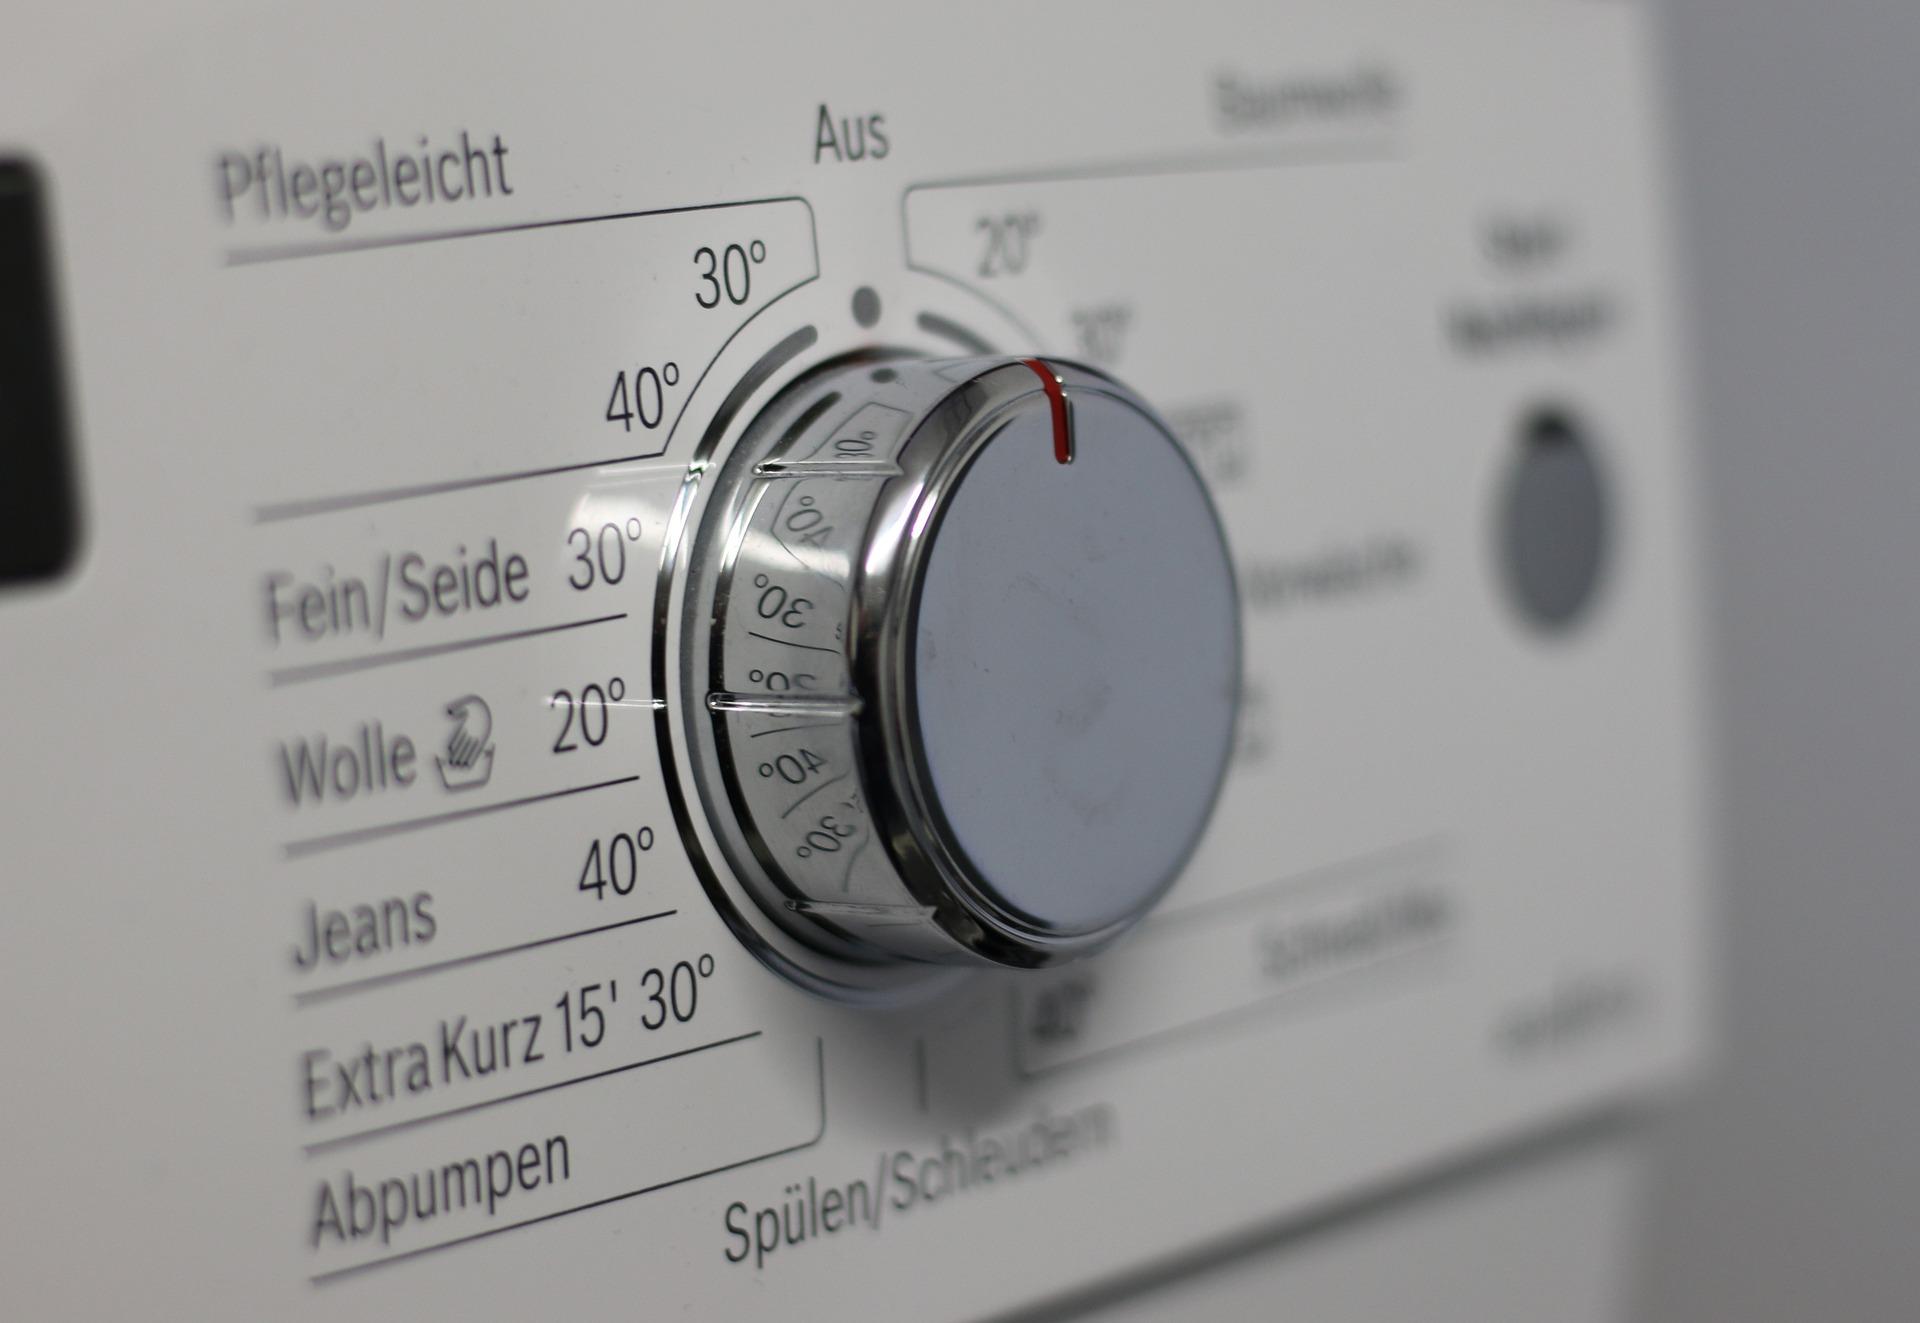 switch-1033640_1920